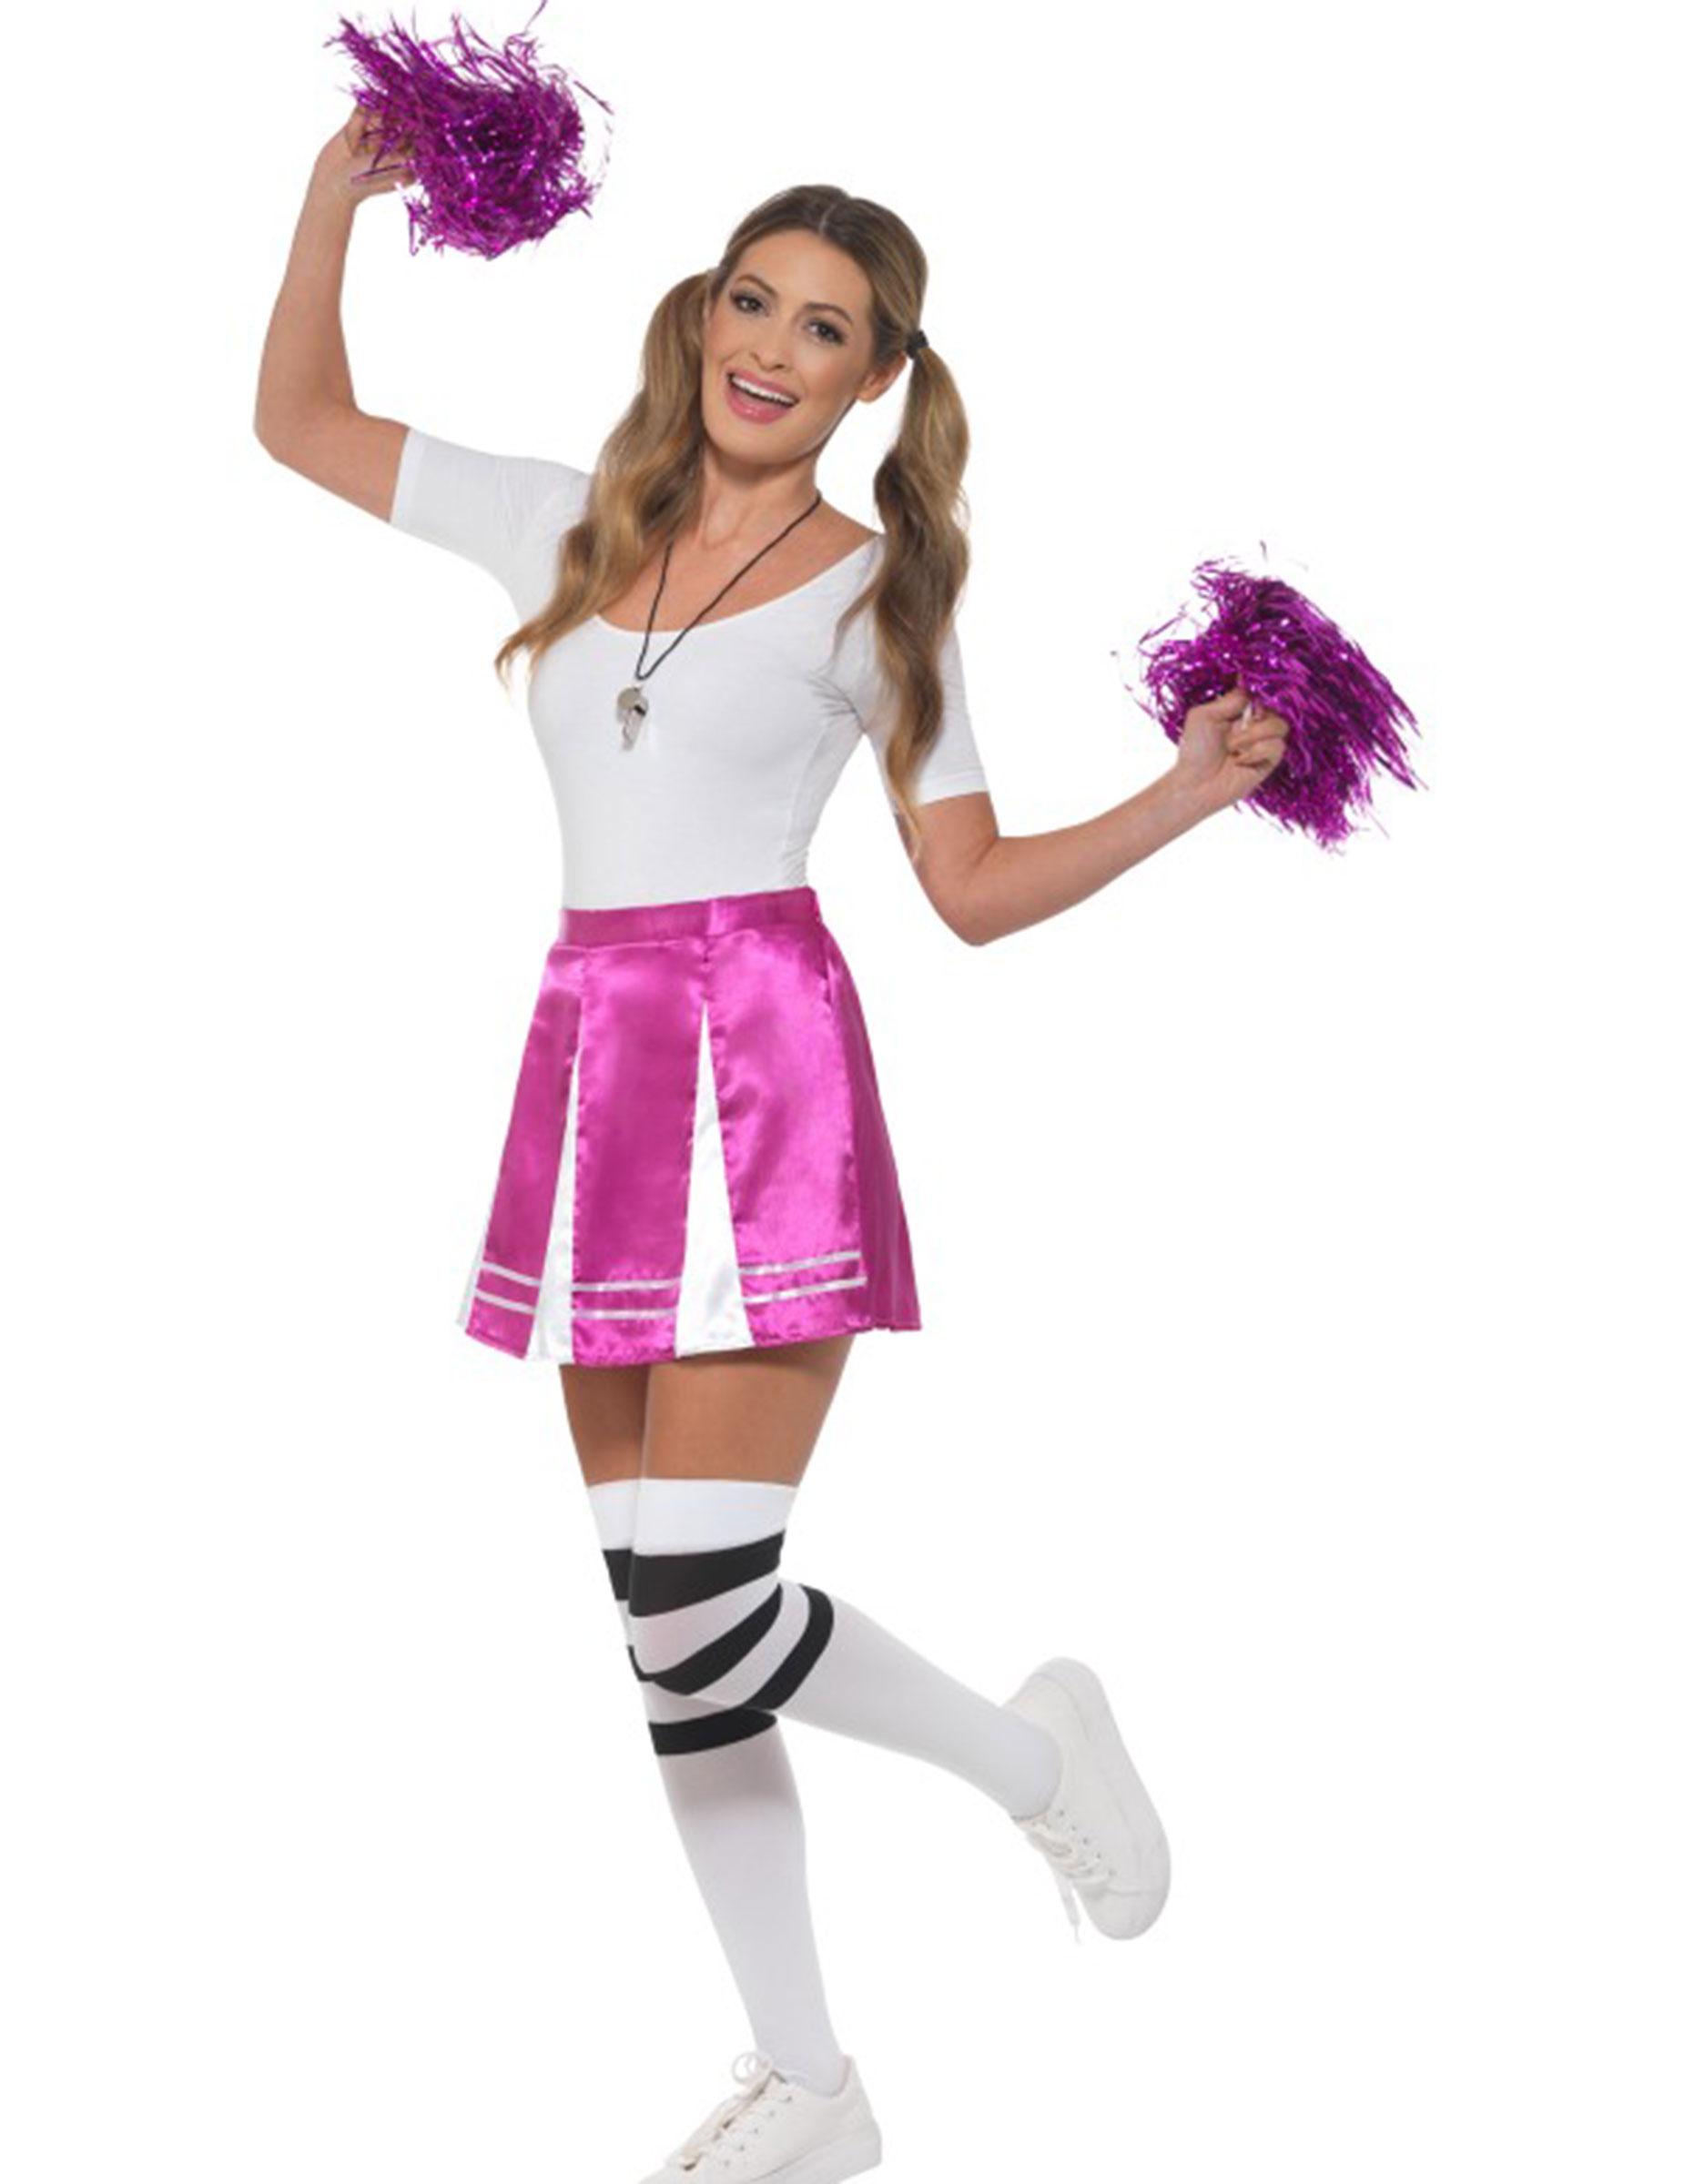 Les Joueurs Accessoire pour Encourager Les Equipes Dilwe Pom-Pom Girl Kit de Pom-Pom Girl avec Capuchon de Goujon Elastique PE Les Matchs Fun KIT Le Public etc